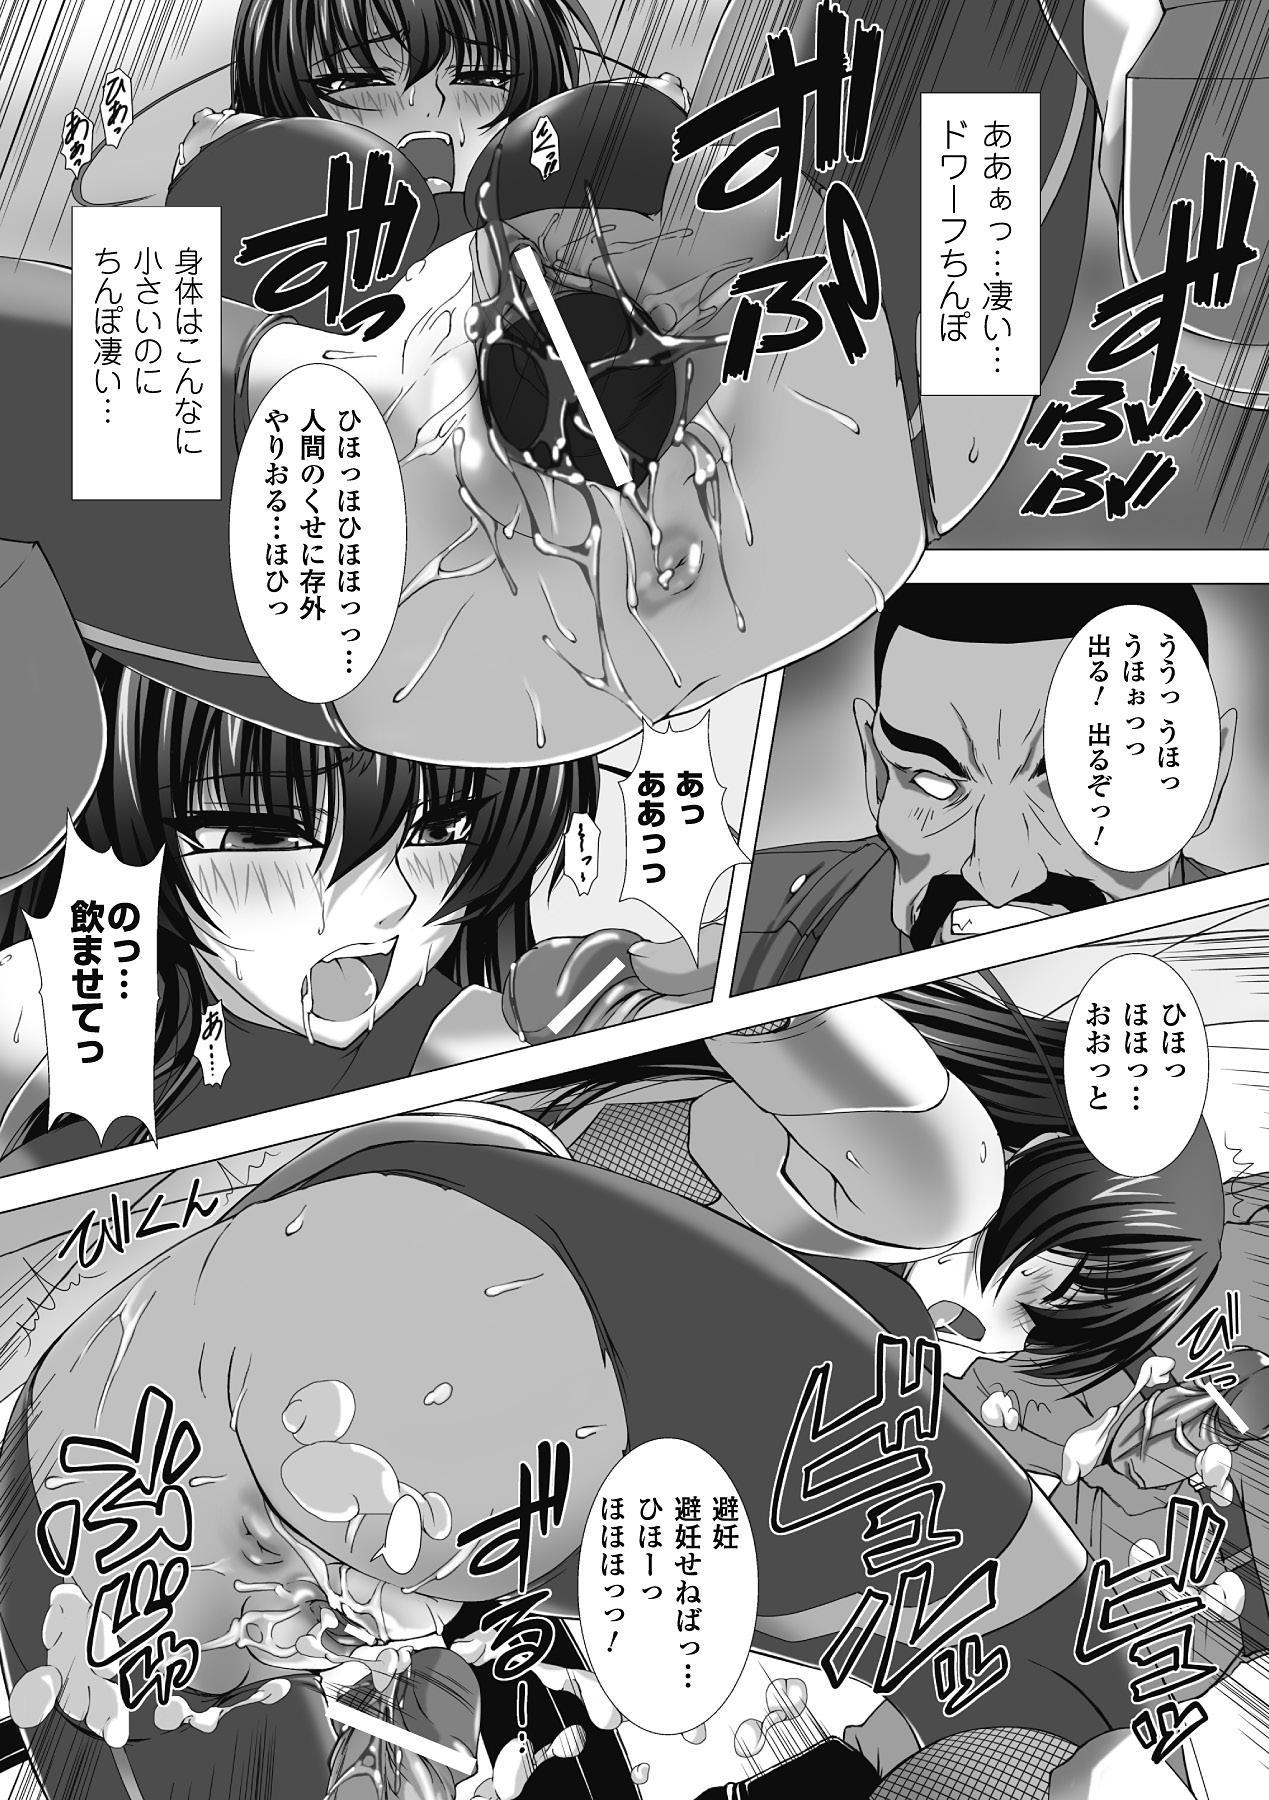 Taimanin Asagi Hajigyaku no Ankokuyuugi THE COMIC 107